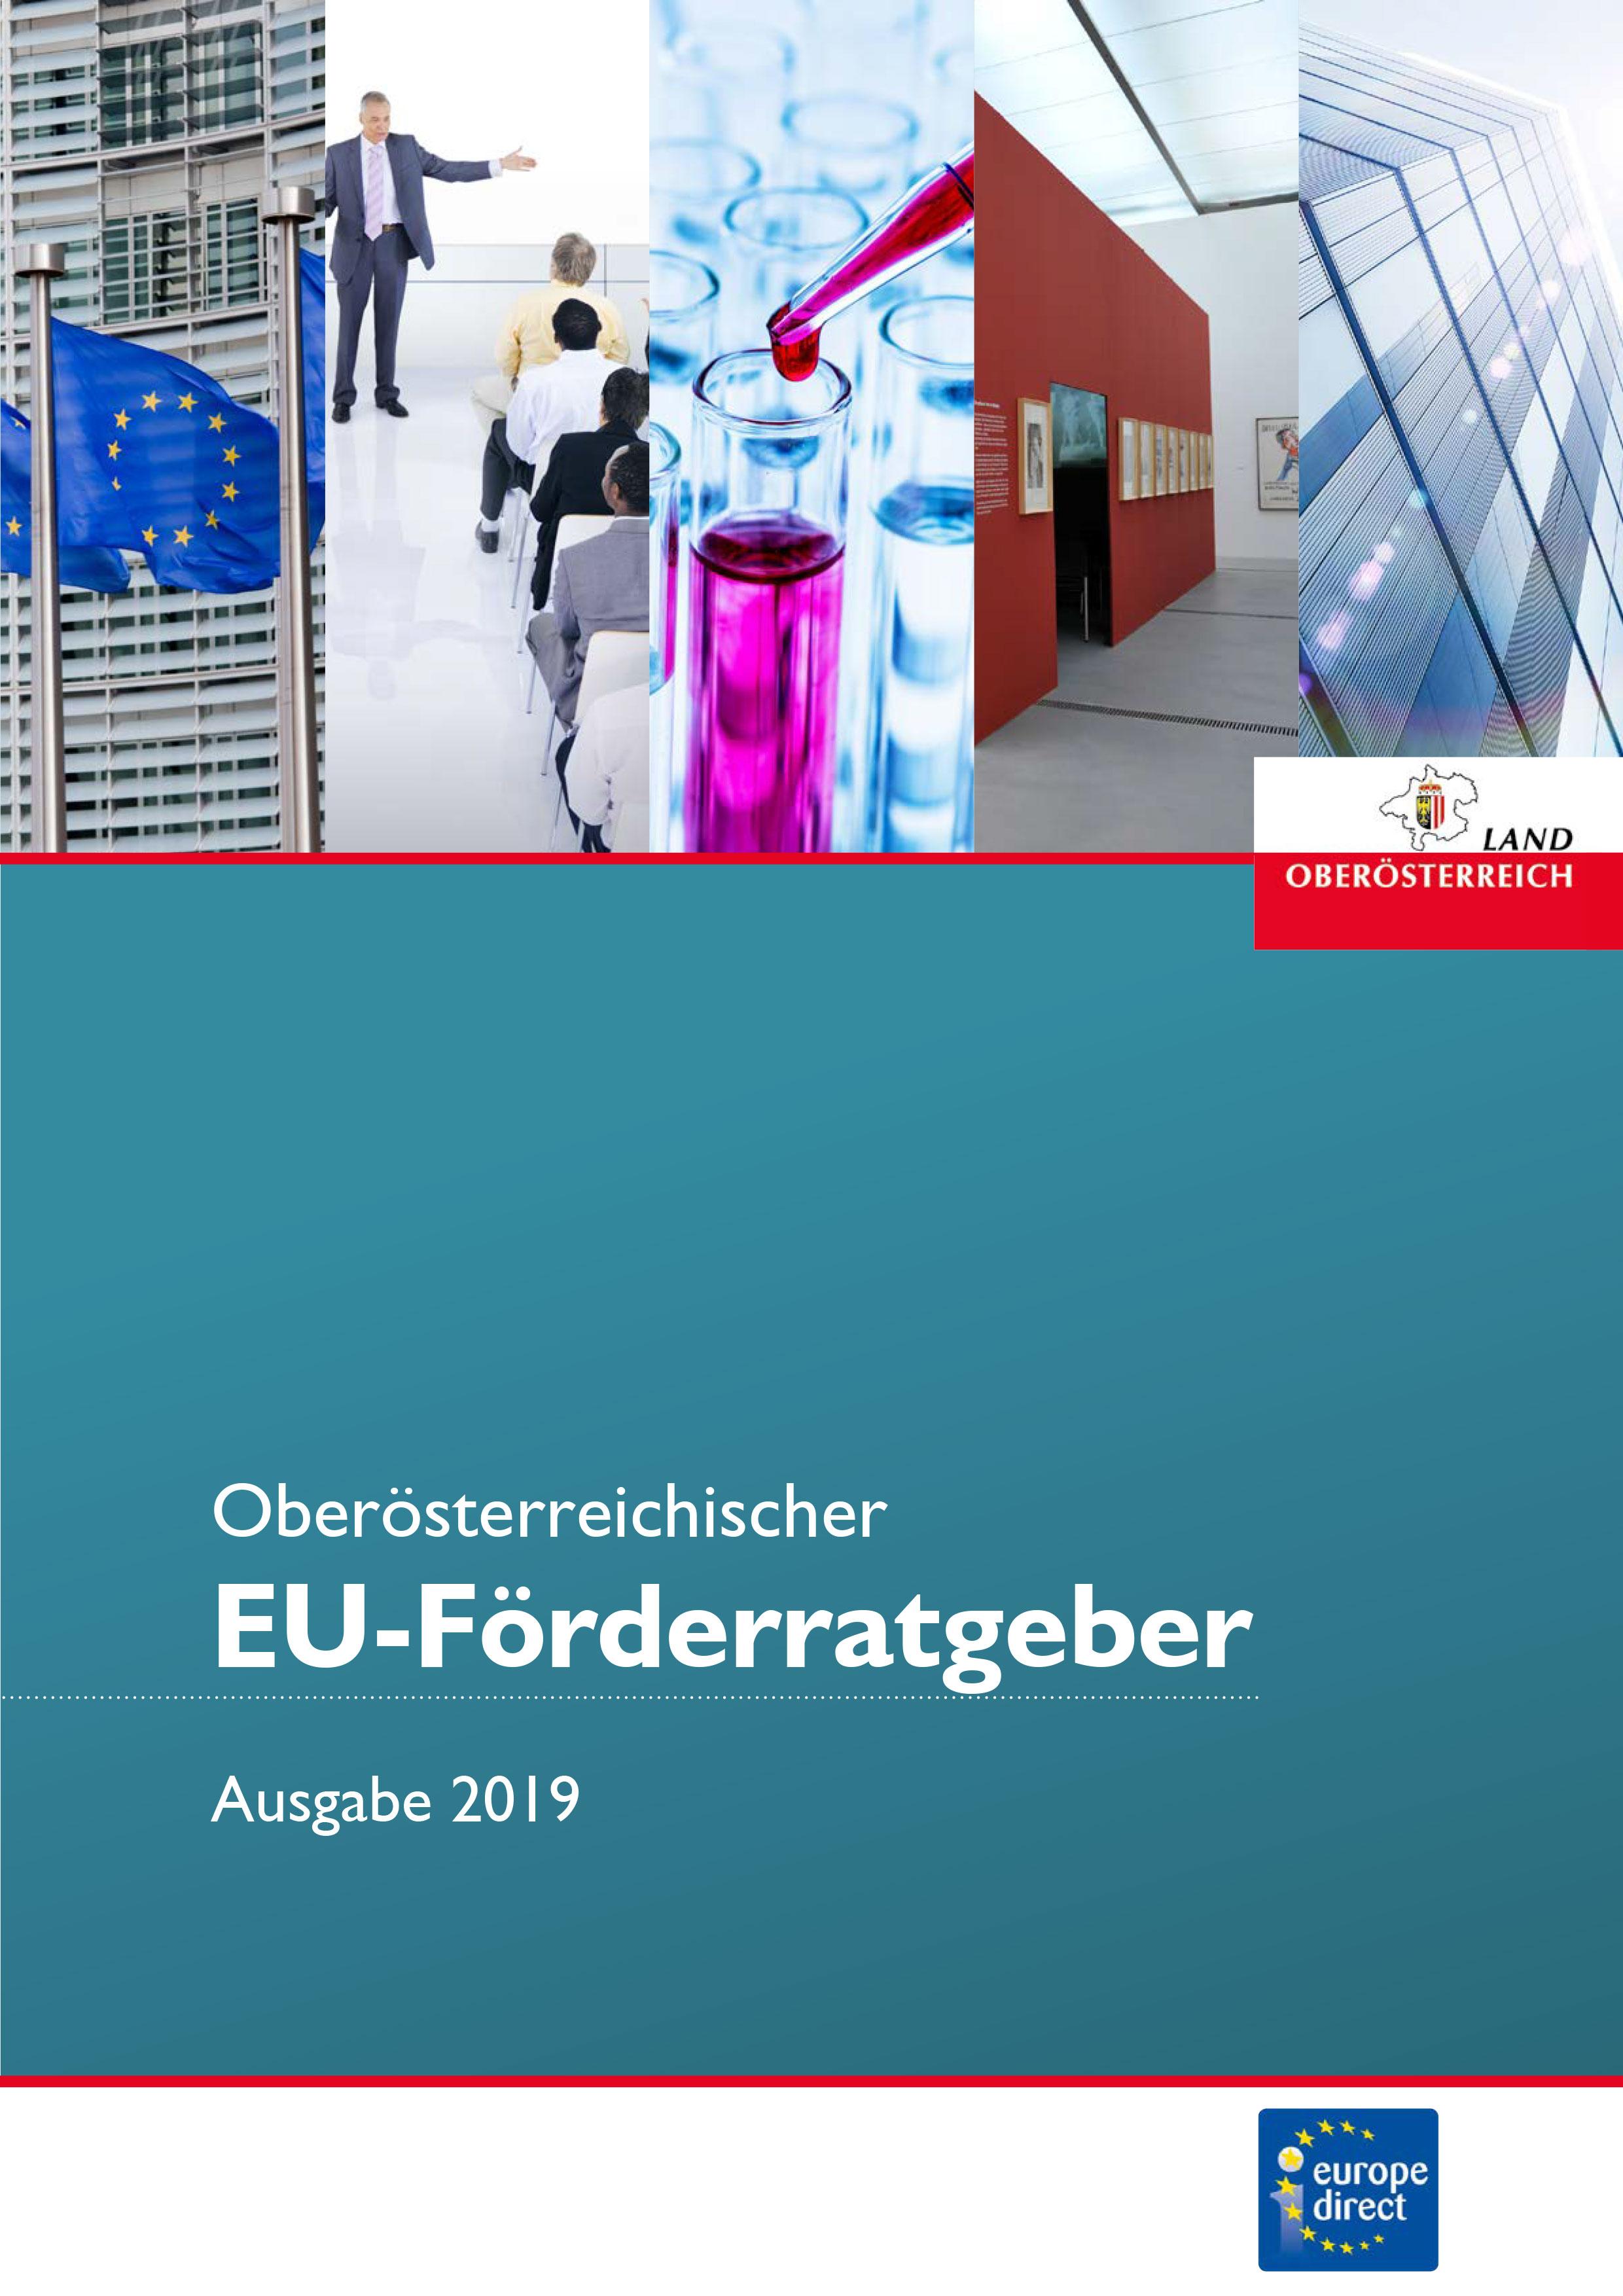 Oberösterreichischer EU-Förderratgeber